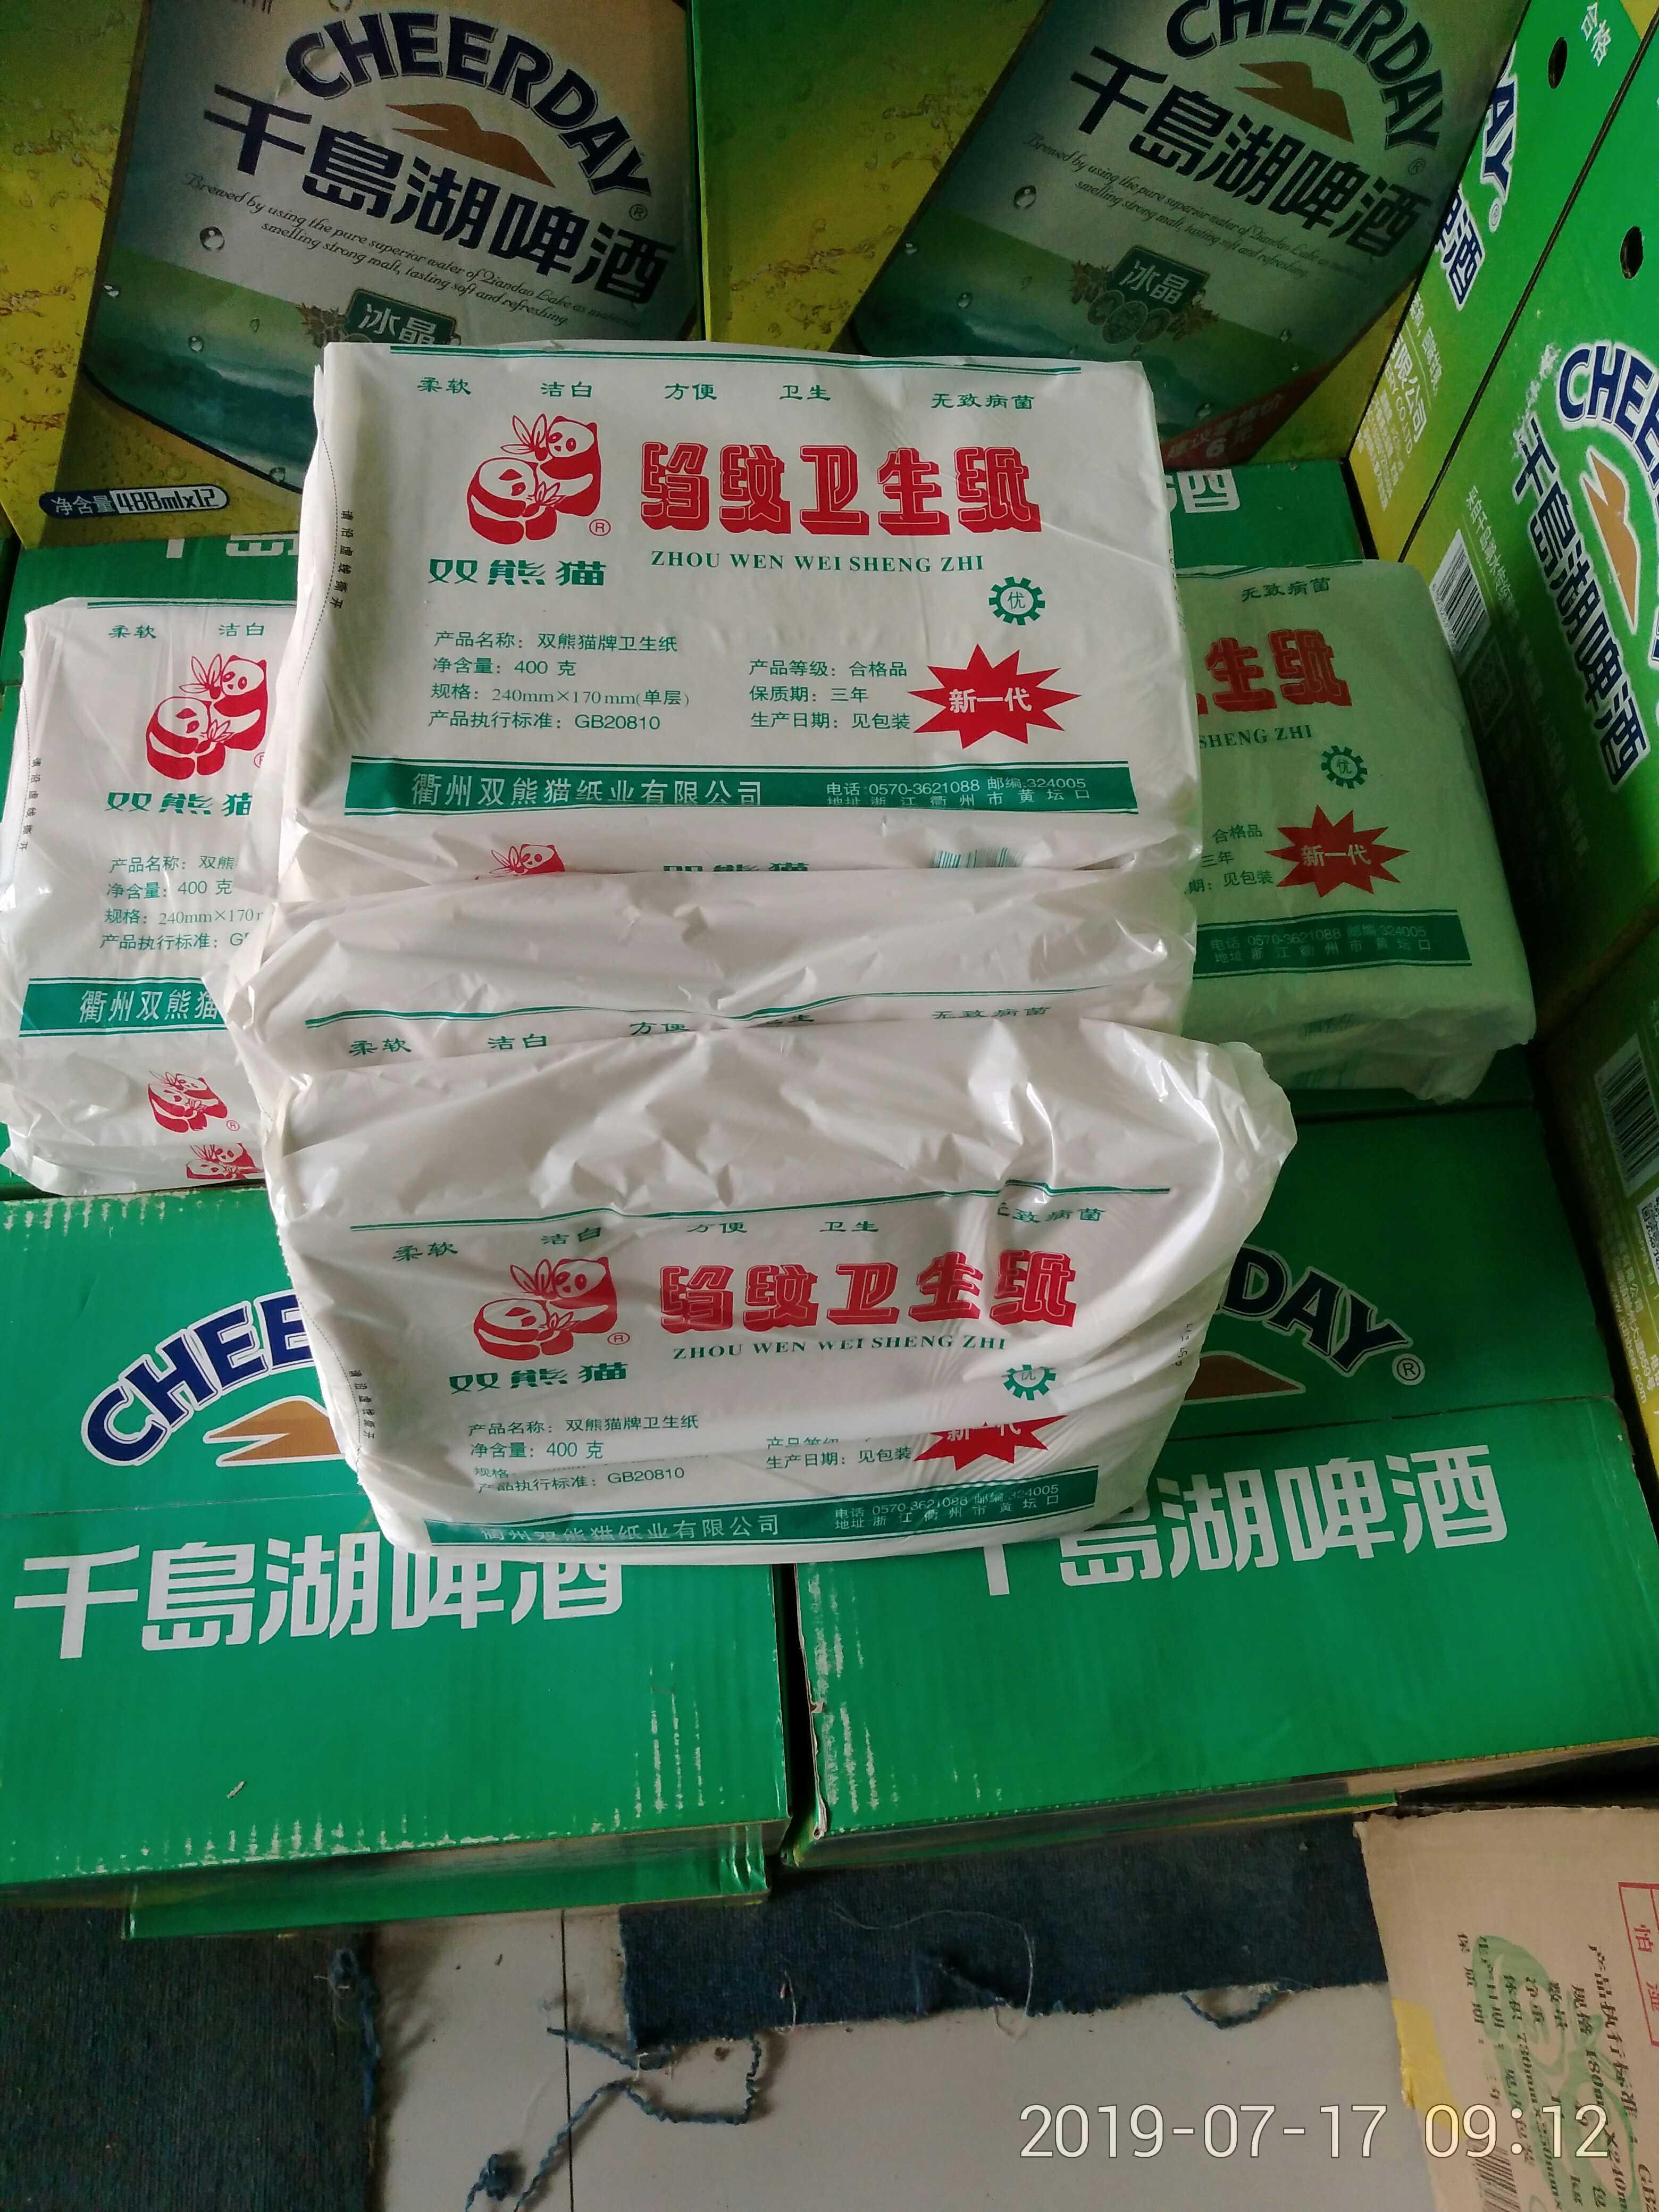 双パンダの皺のトイレットペーパー400グラム八包装の紙と紙の産婦用紙浙江上海皖は郵送料が無料です。